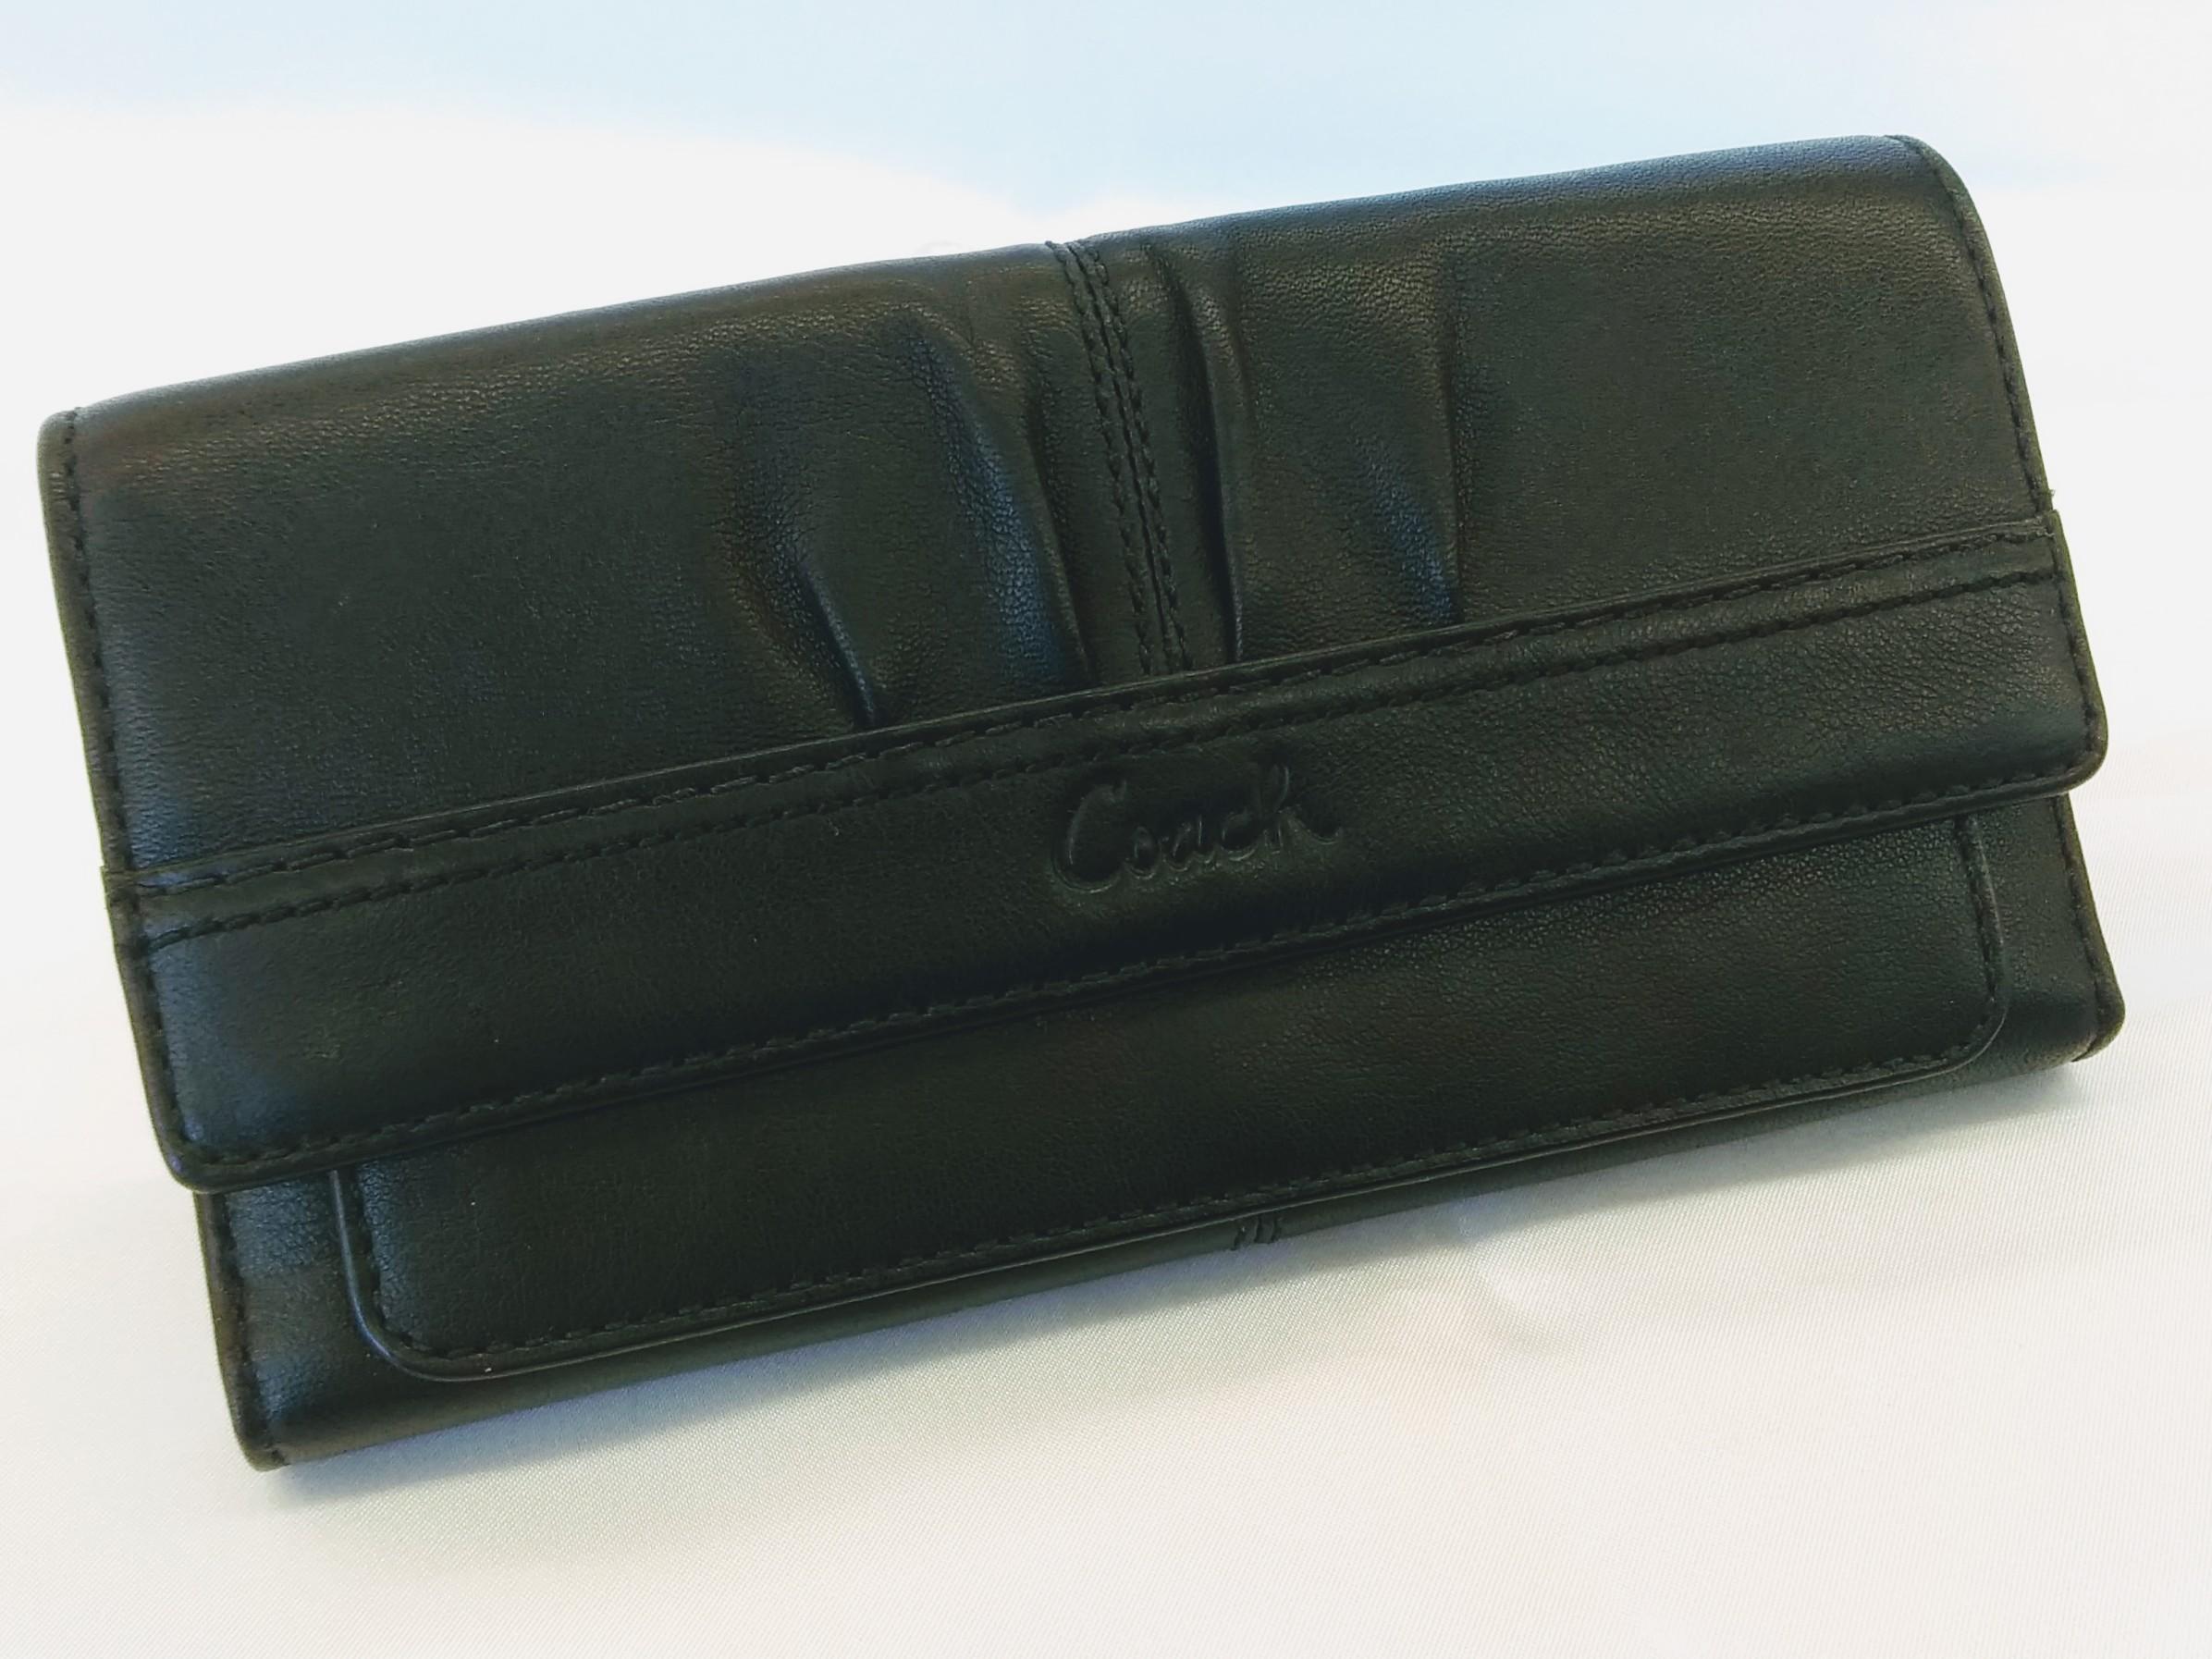 長財布【ブラック】|COACH【コーチ】【三つ折り財布】【レディース】